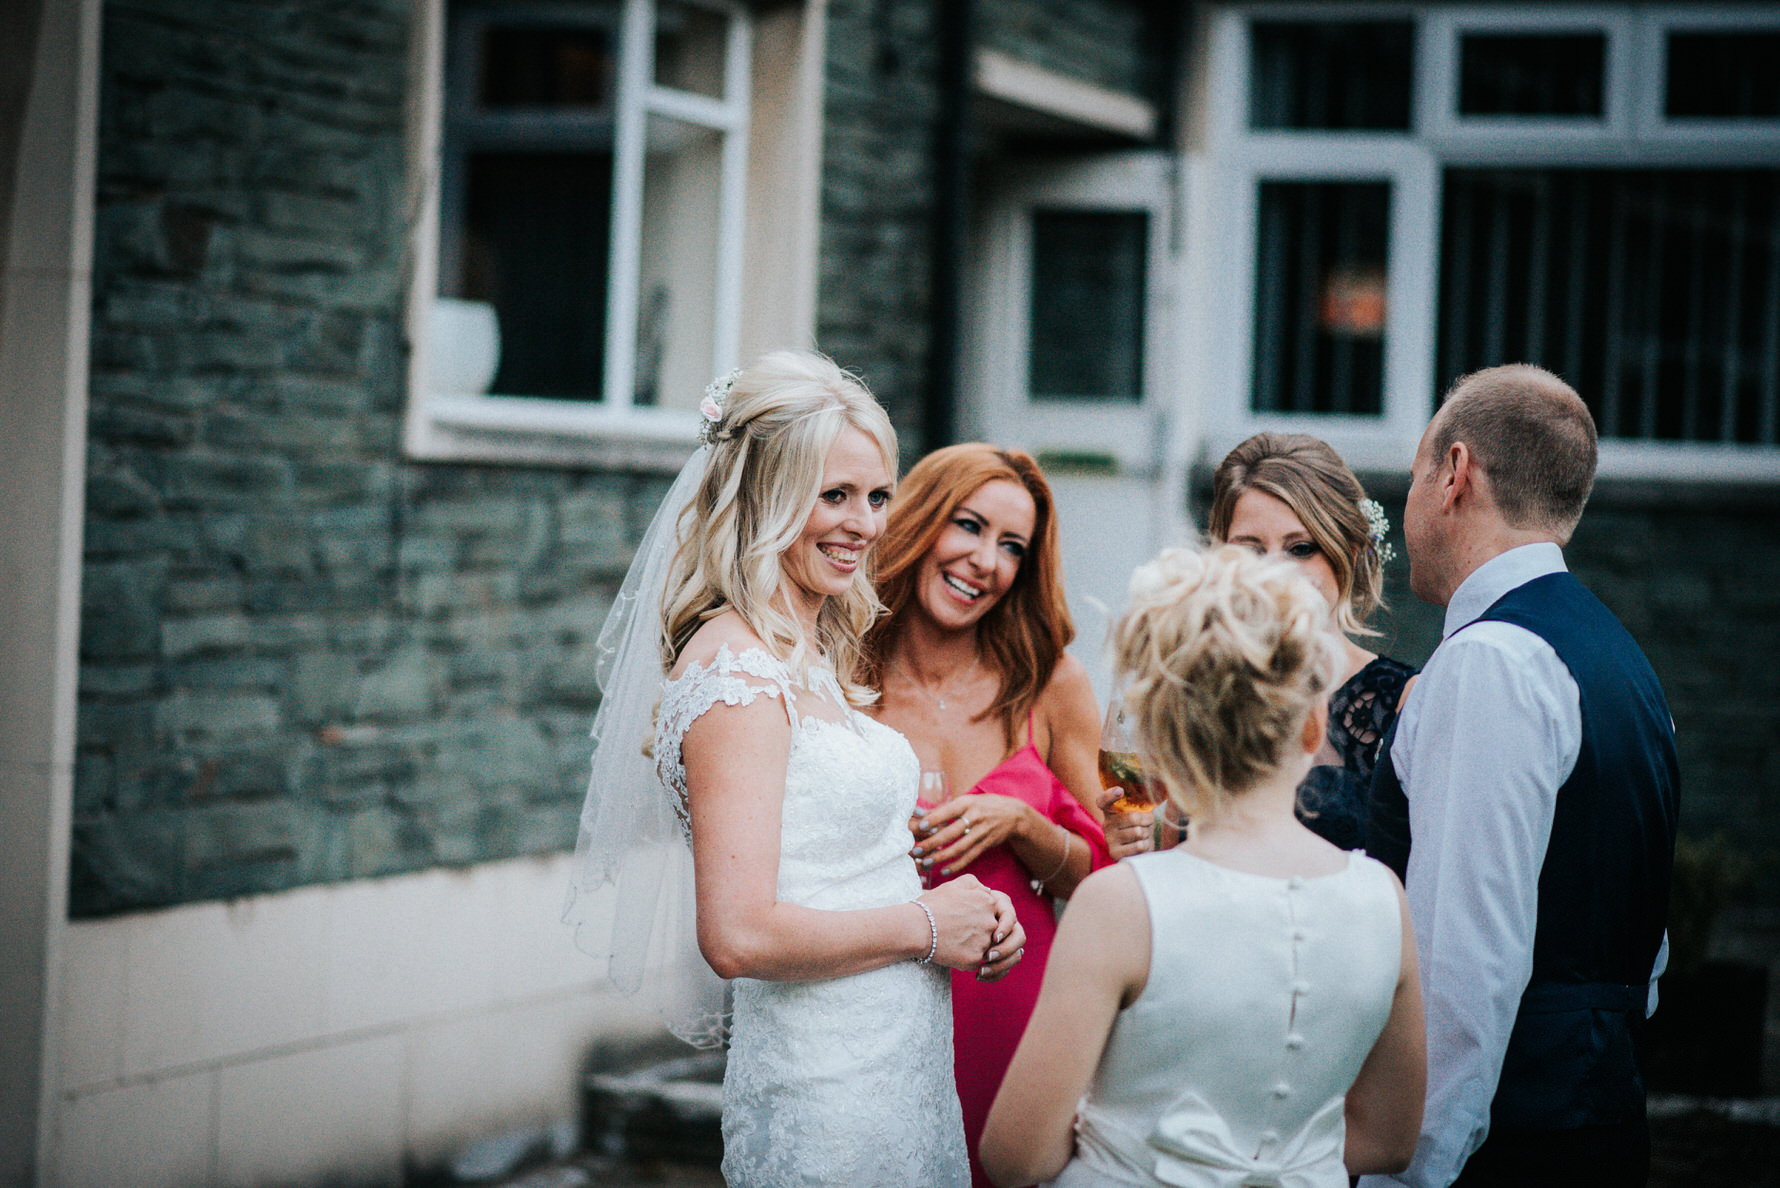 Cheshire Documentary Wedding Photography at Oddfellows, ChesterCheshire Documentary Wedding Photography in Dunham Massey